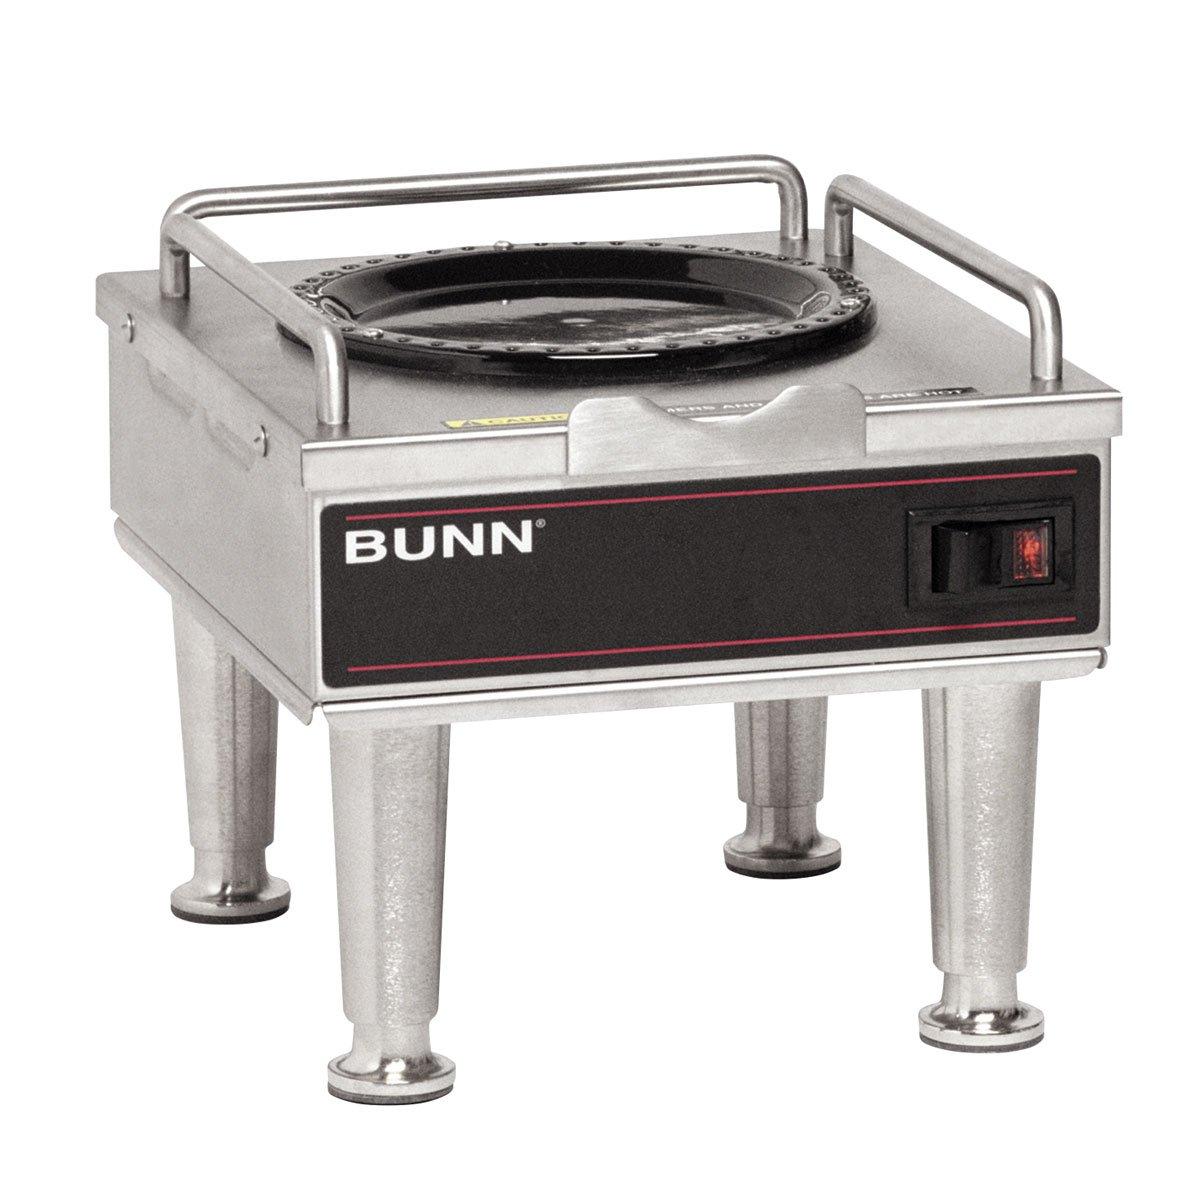 品質が完璧 BUNN 12203.0014 12203.0014 rws1 Satellite ) ( Brewer Warmer & ( for use with 1 GPR & 1.5 GPR ) B005EHEAEG, 【テレビで話題】:f4f59389 --- mfphoto.ie